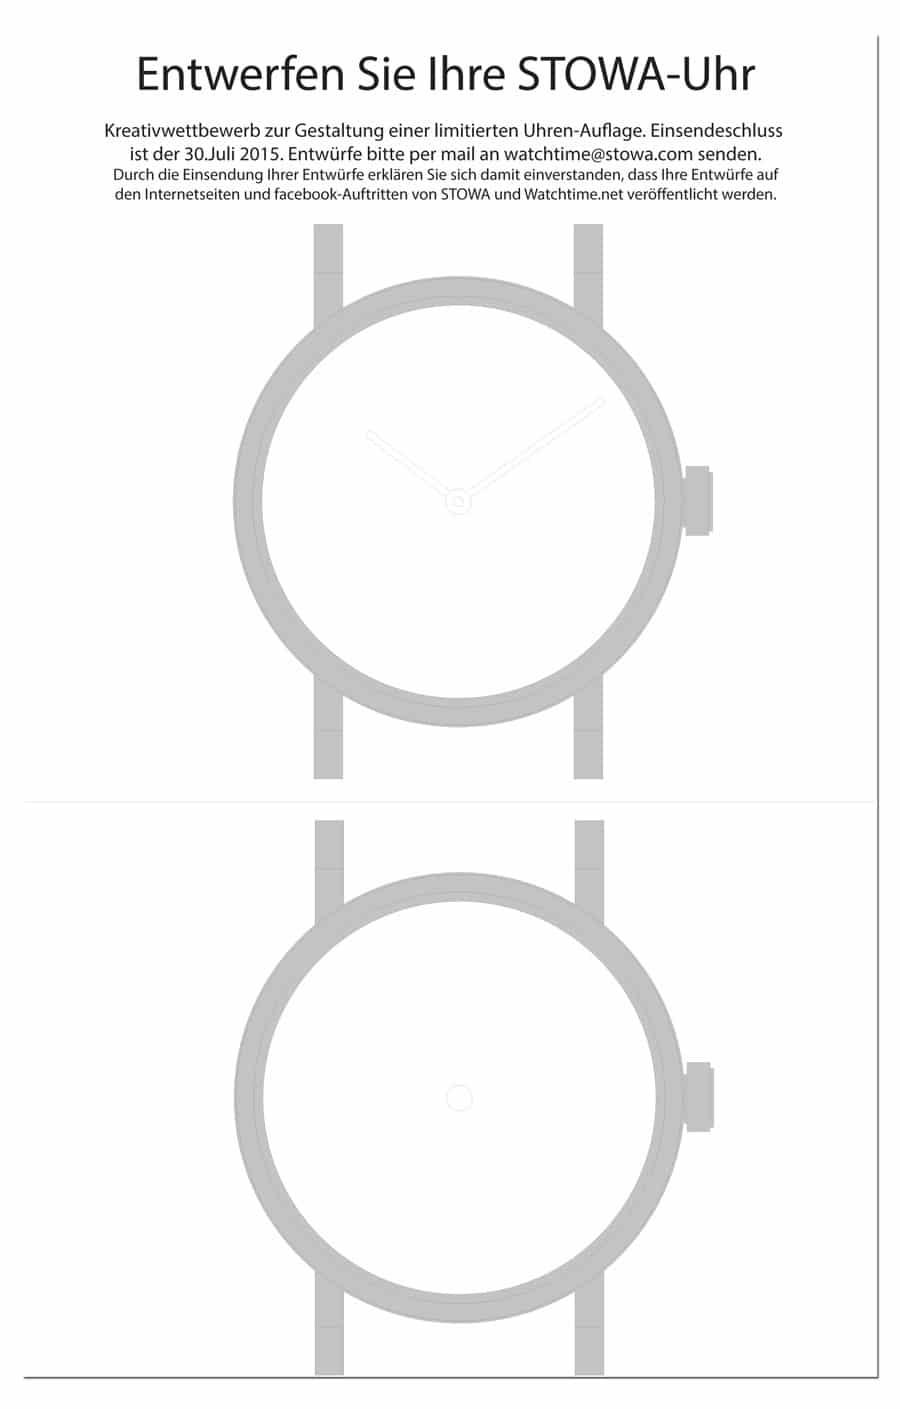 Wie gestalten Sie das Zifferblatt und die Zeiger Ihrer Stowa-Uhr ...